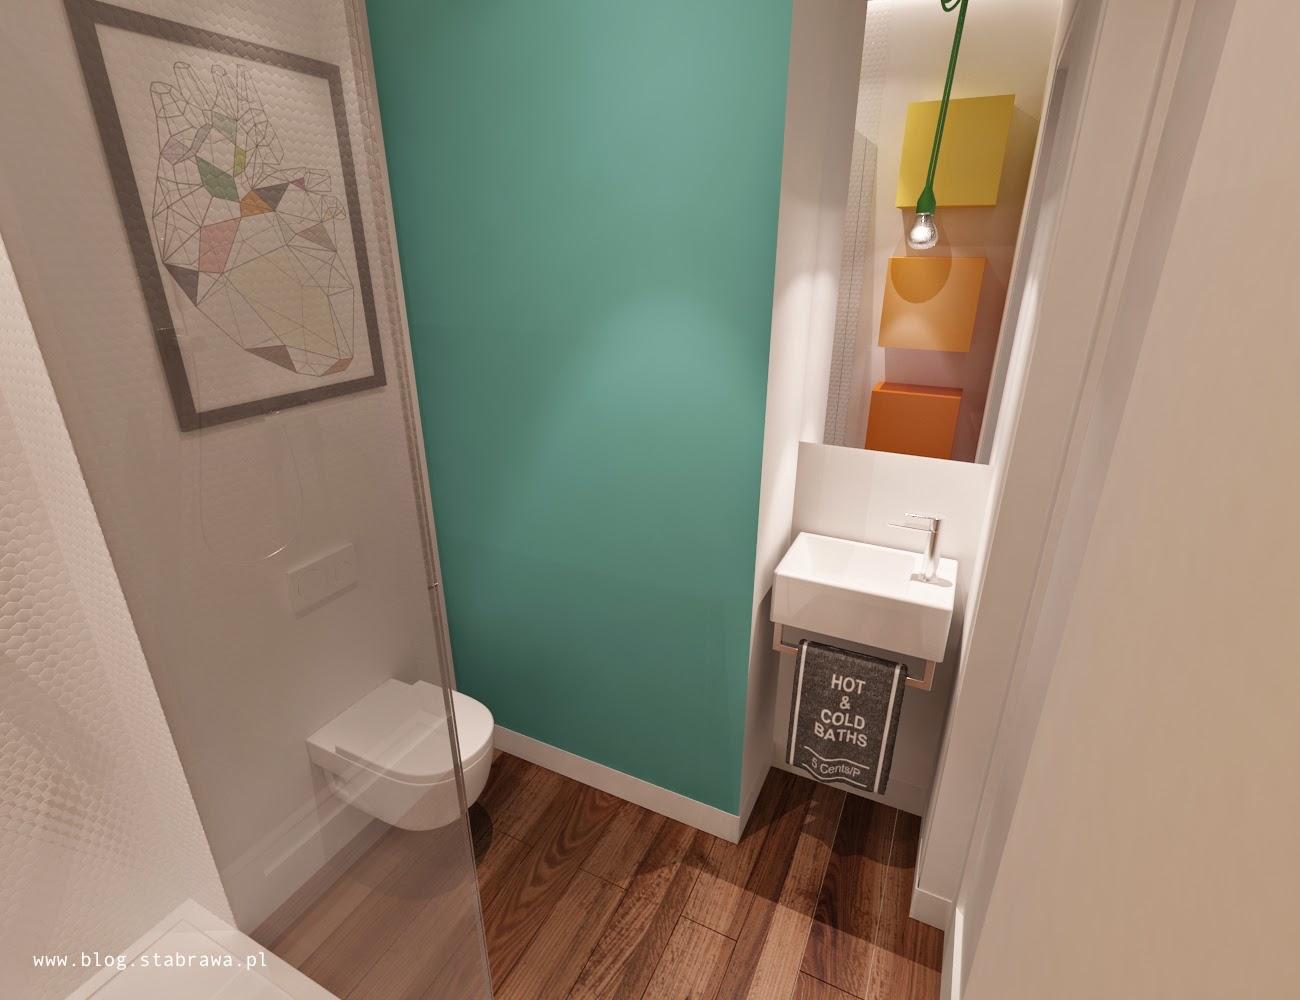 łazienka nowoczesna, żywica grzejnik dekoracyjny kolor, mozaika